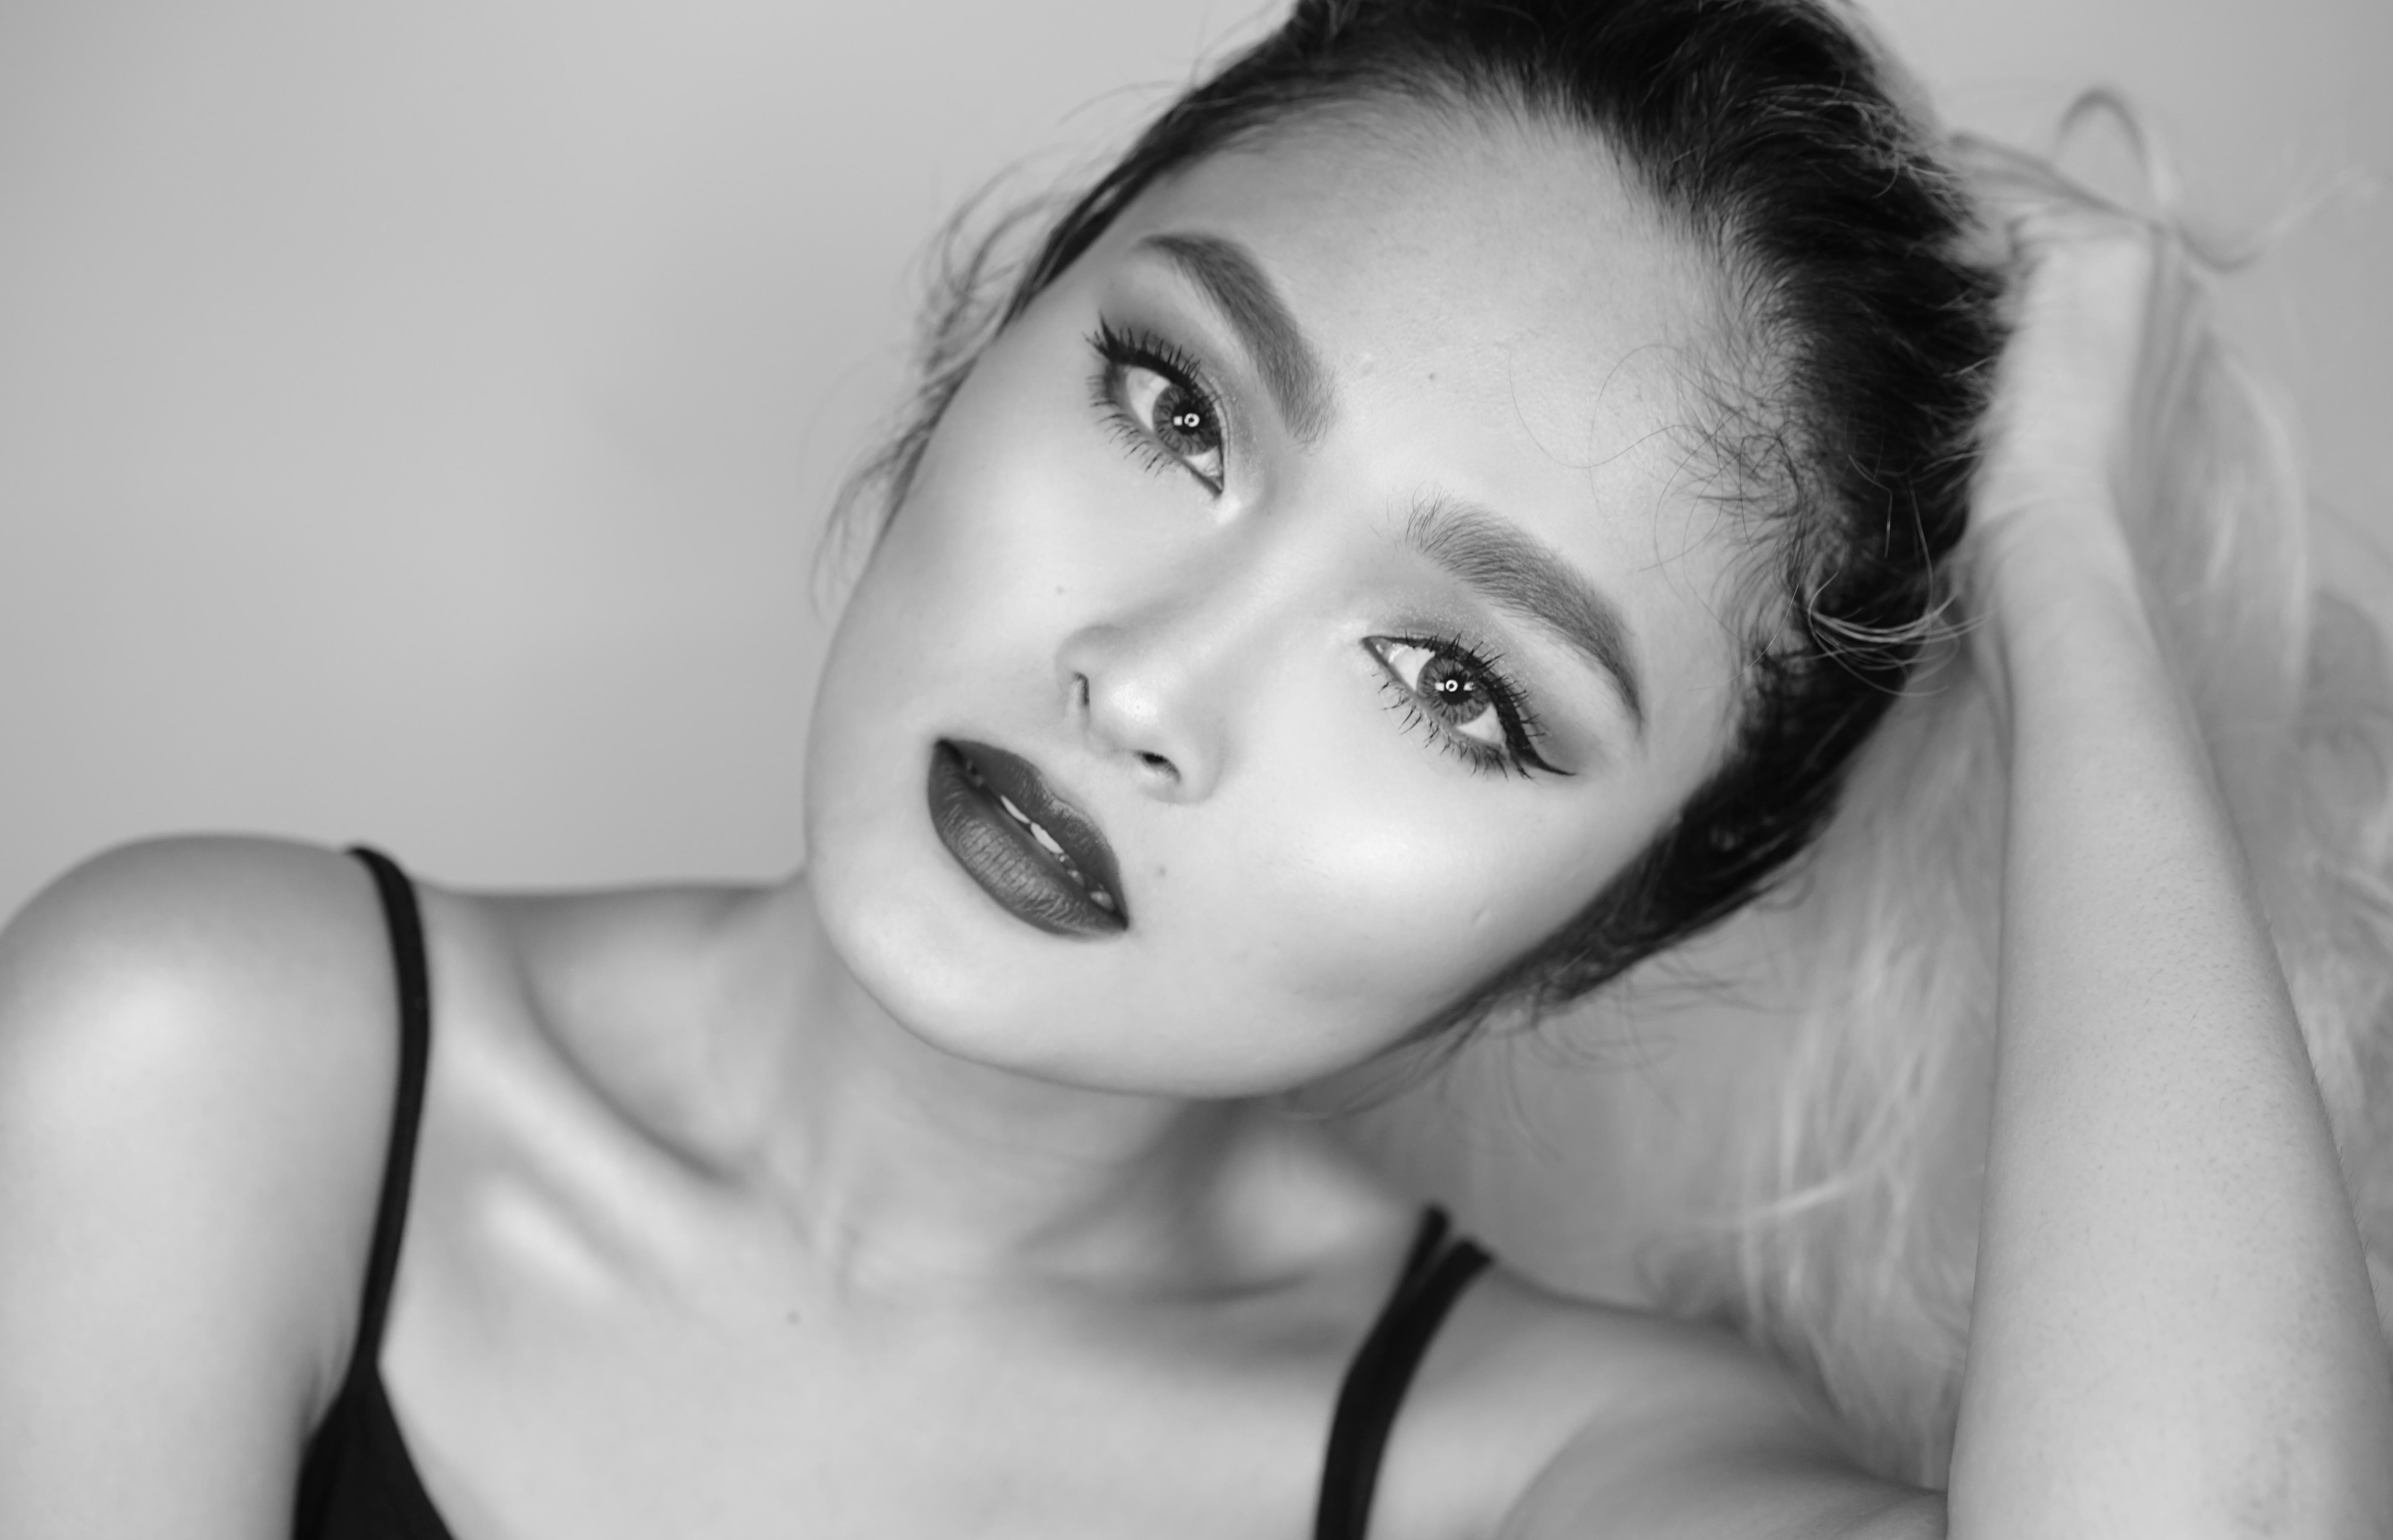 5 nàng Beauty blogger Việt xinh đẹp và cực hút fan trên mạng xã hội - Ảnh 26.